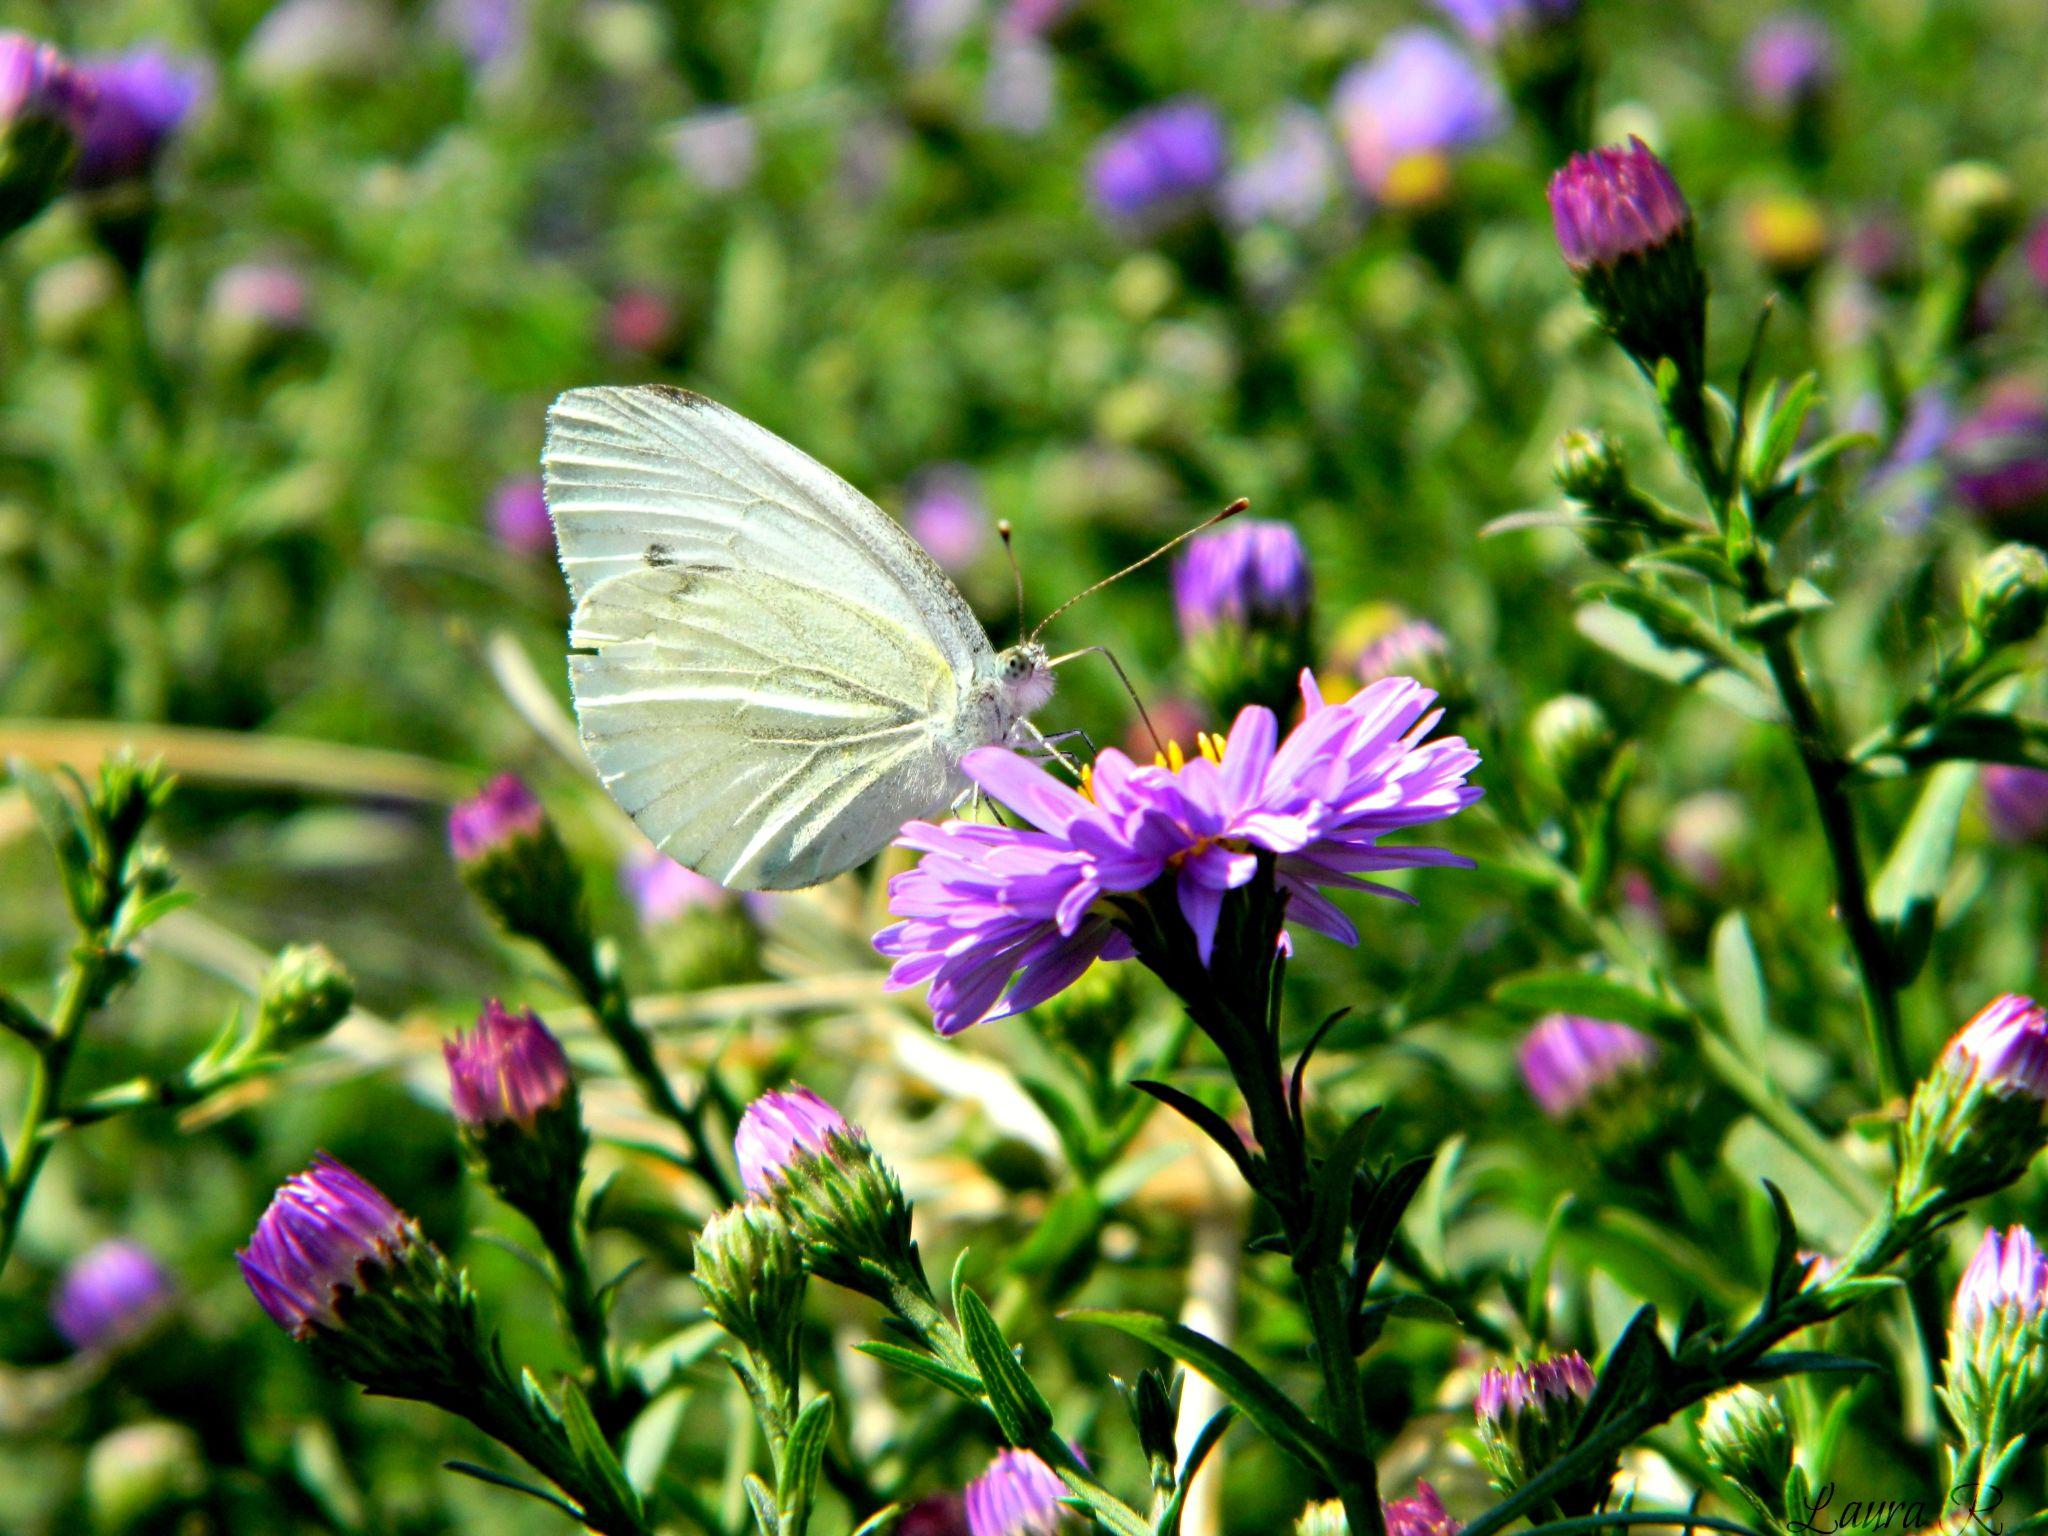 butterfly by Rusu Laura Mihaela